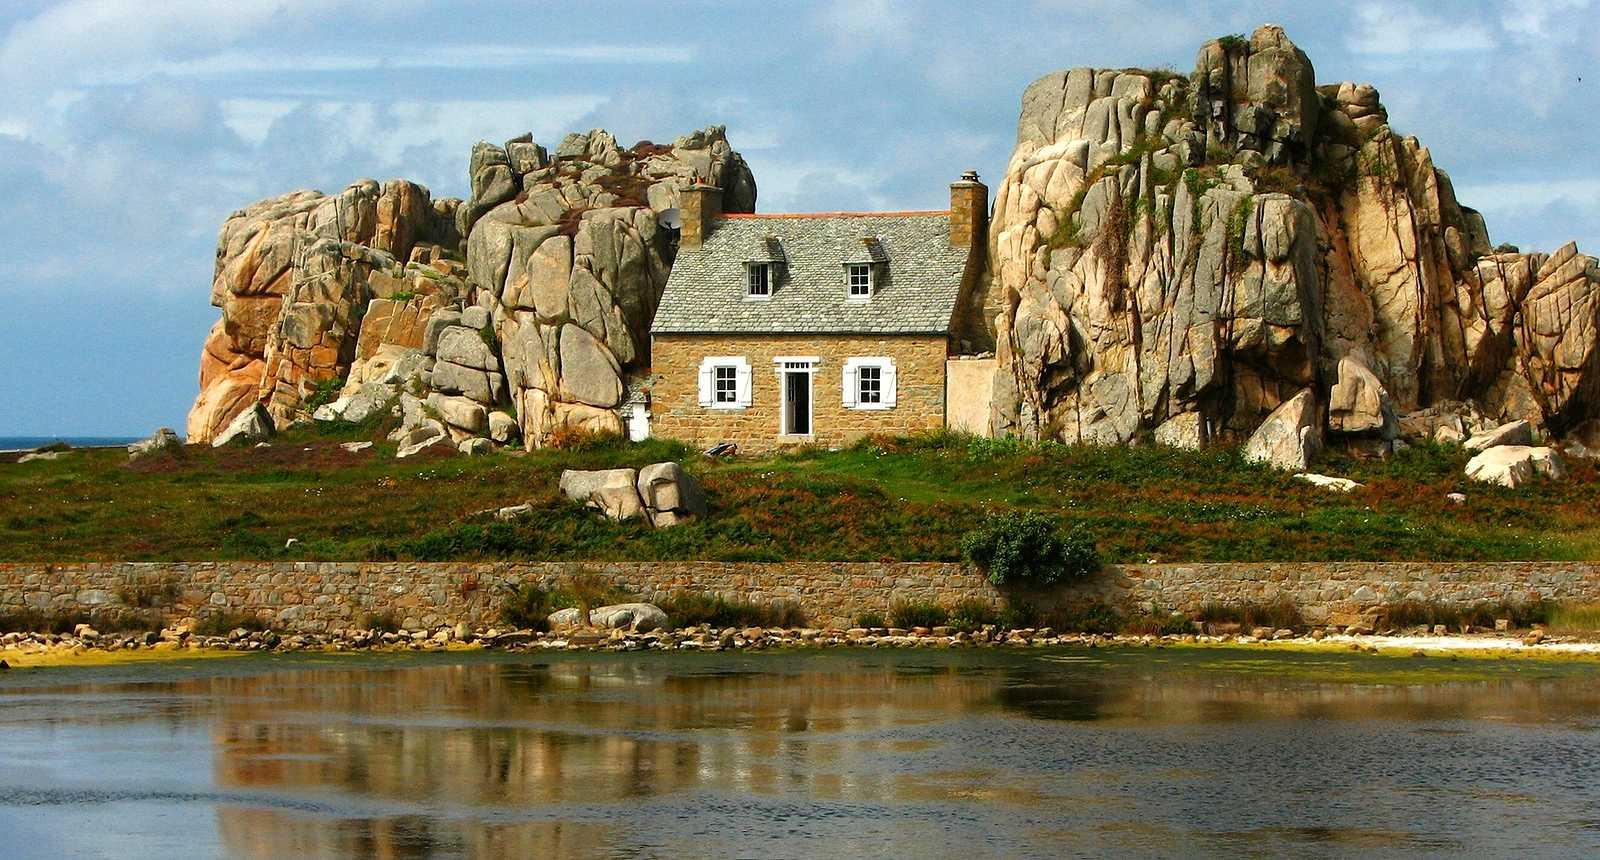 Image : Gouffre de Castel Meur, Pointe du Château